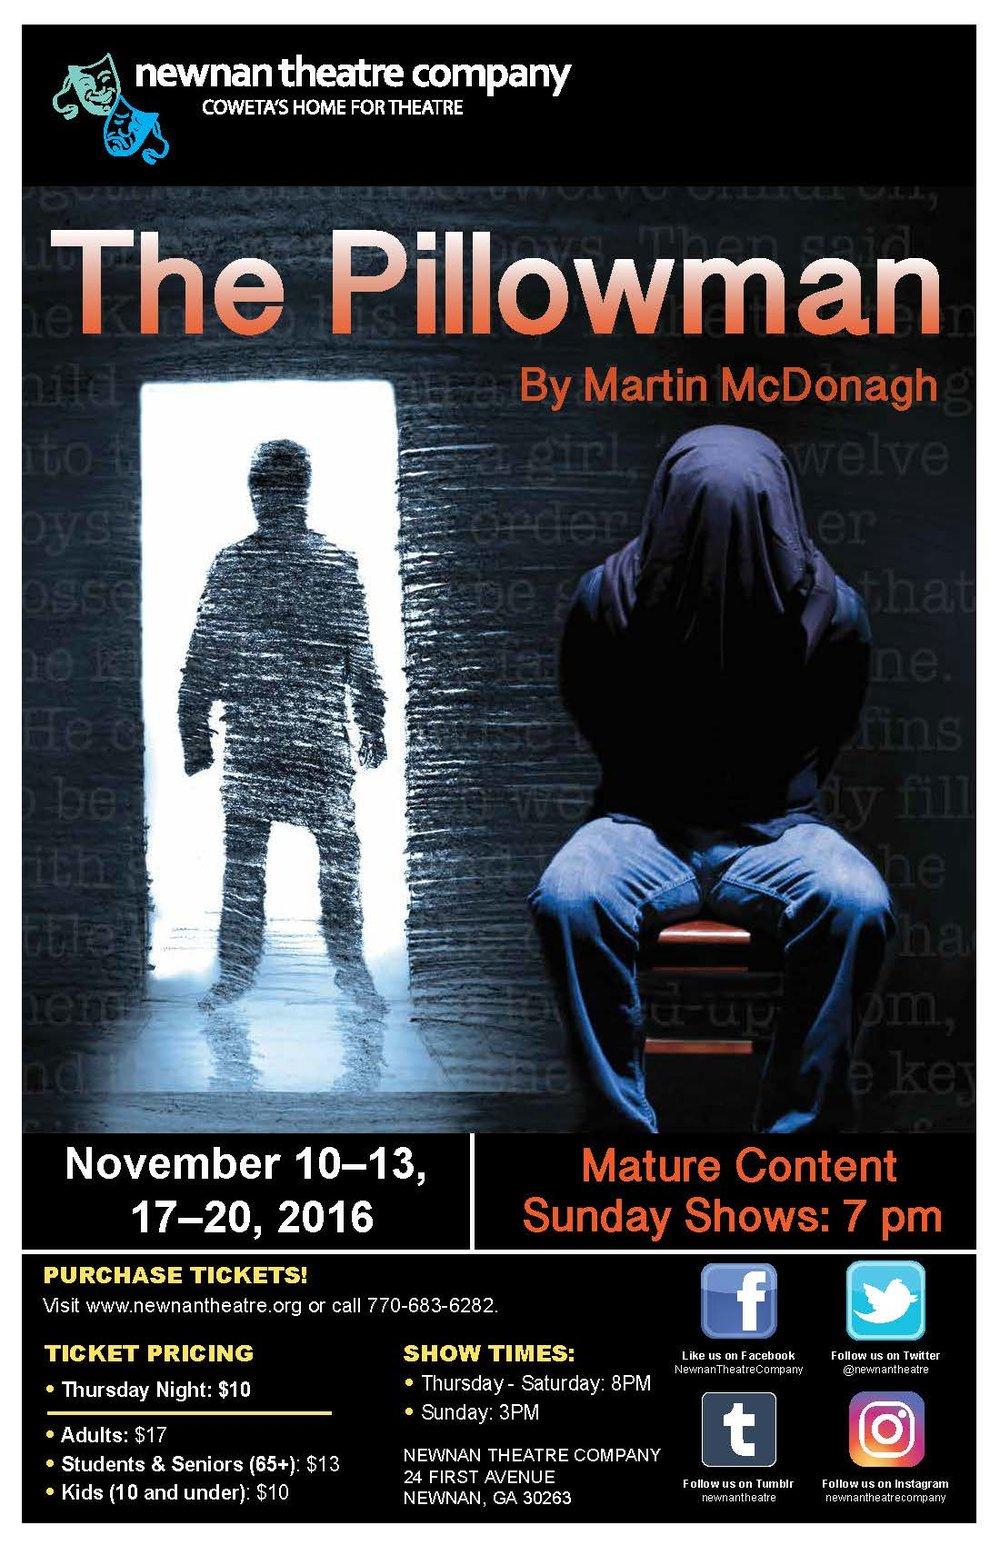 Pillowman poster 11x17.jpg